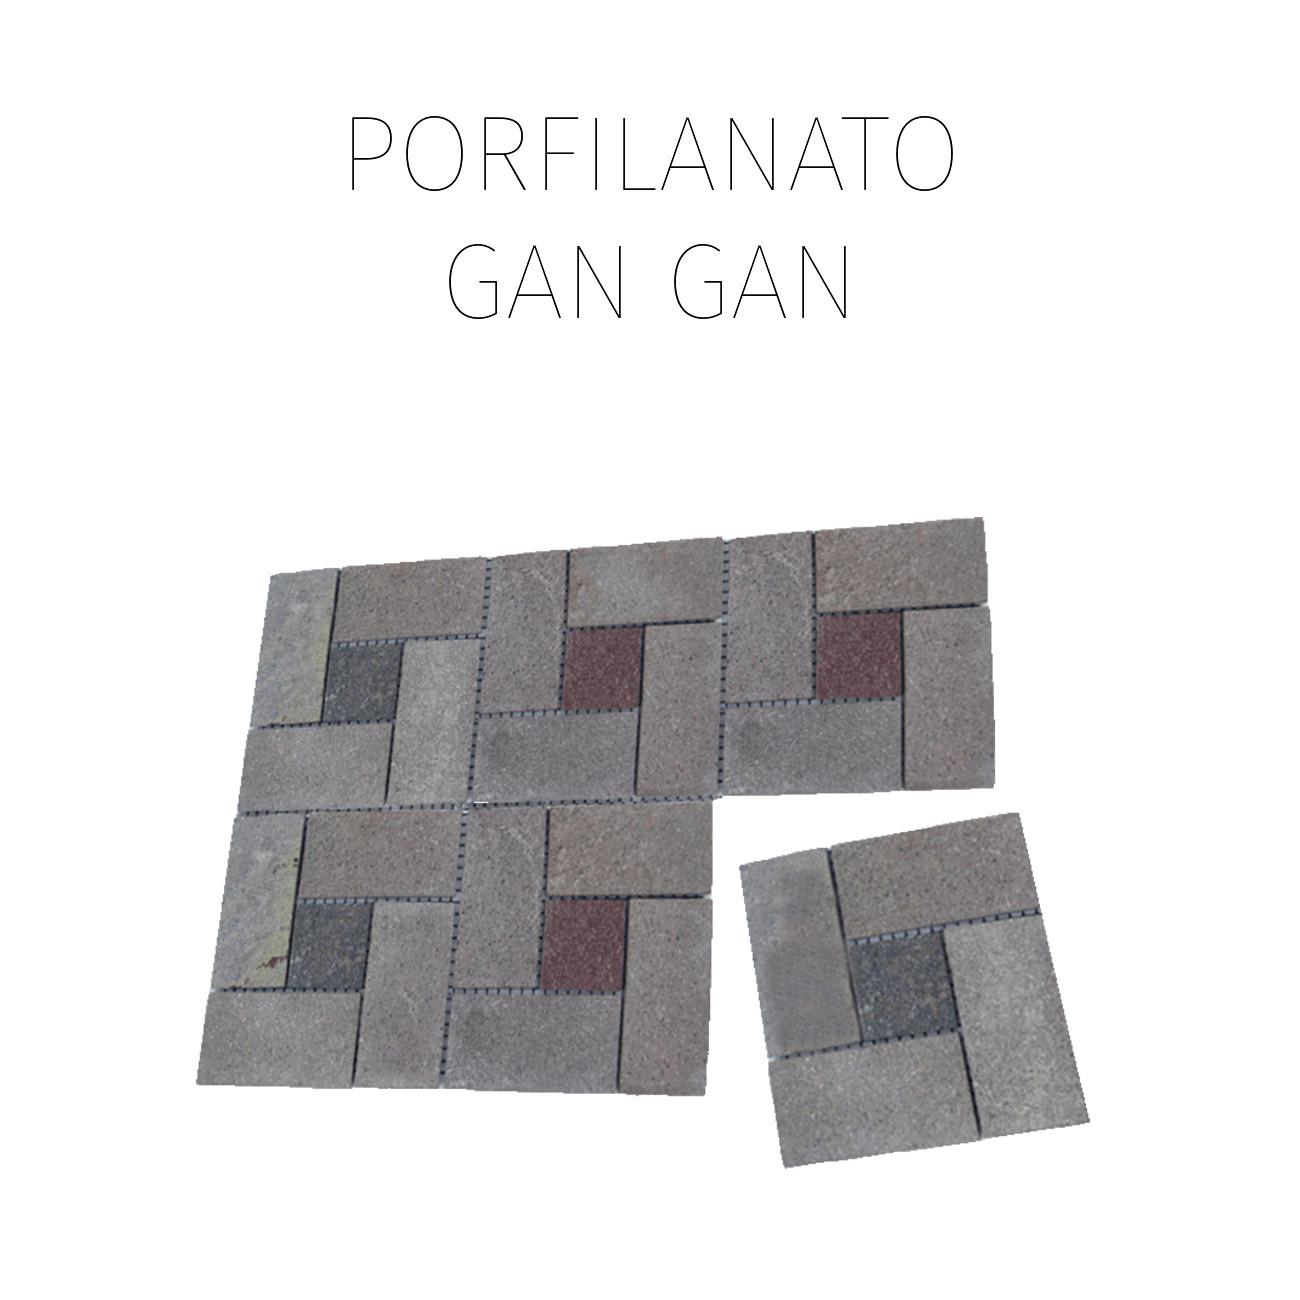 Porfilanato Gan Gan